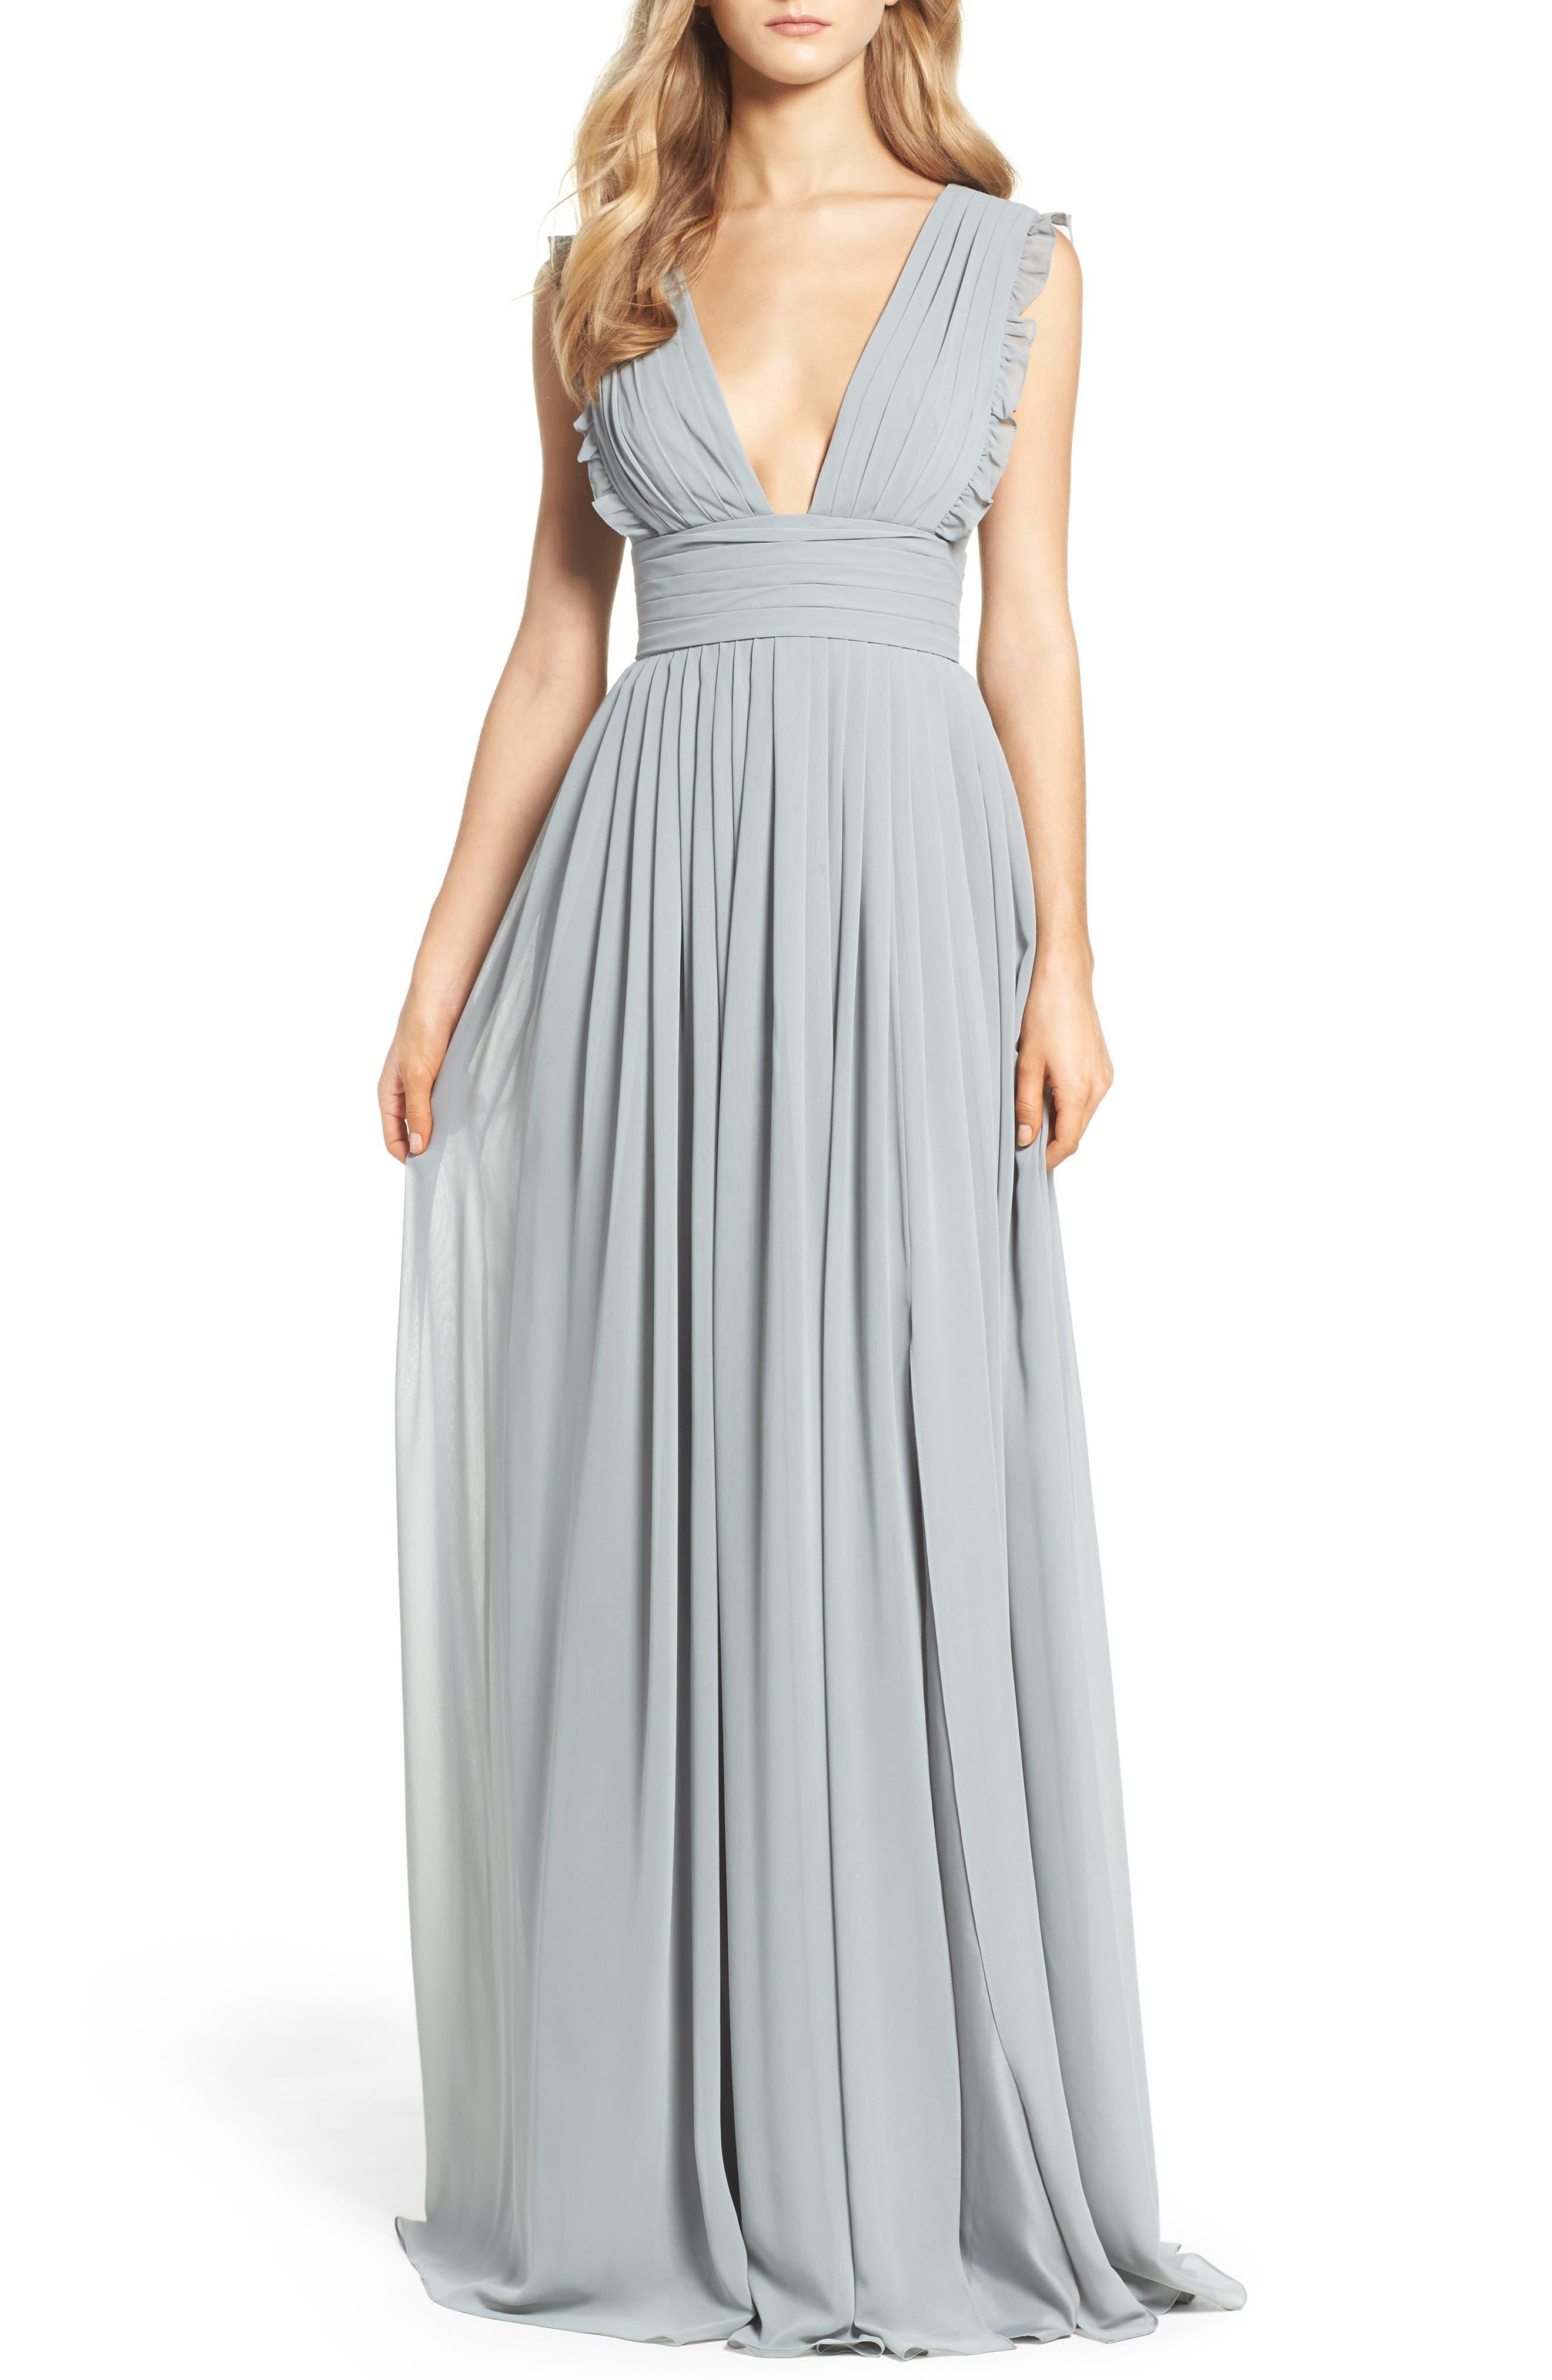 Main Image - Monique Lhuillier Bridesmaids Deep V-Neck Ruffle Pleat Chiffon Gown